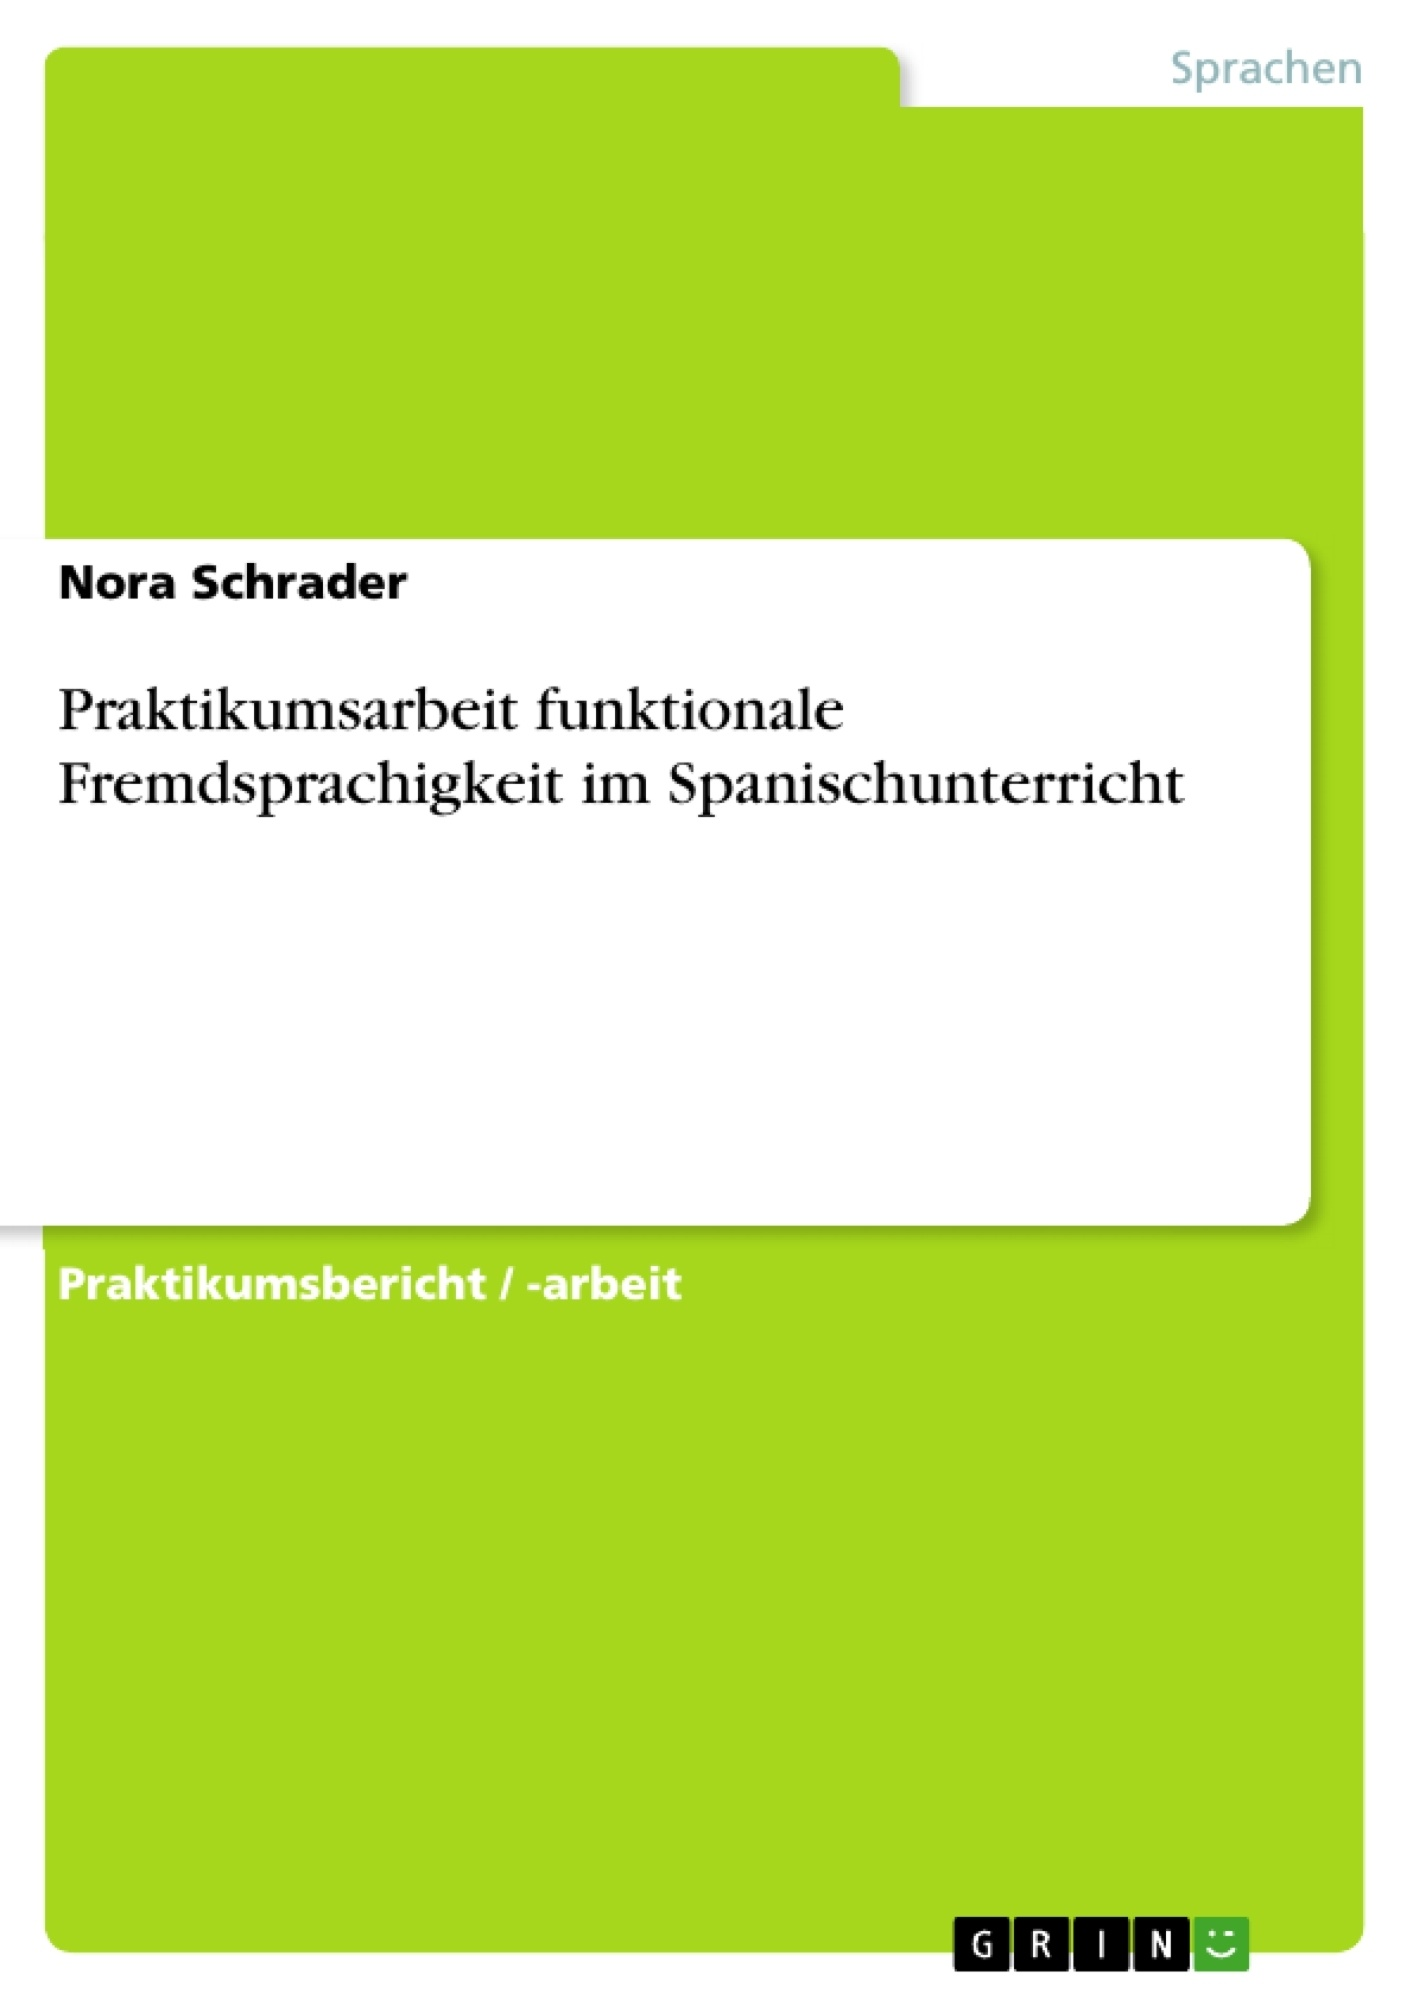 Titel: Praktikumsarbeit funktionale Fremdsprachigkeit im Spanischunterricht